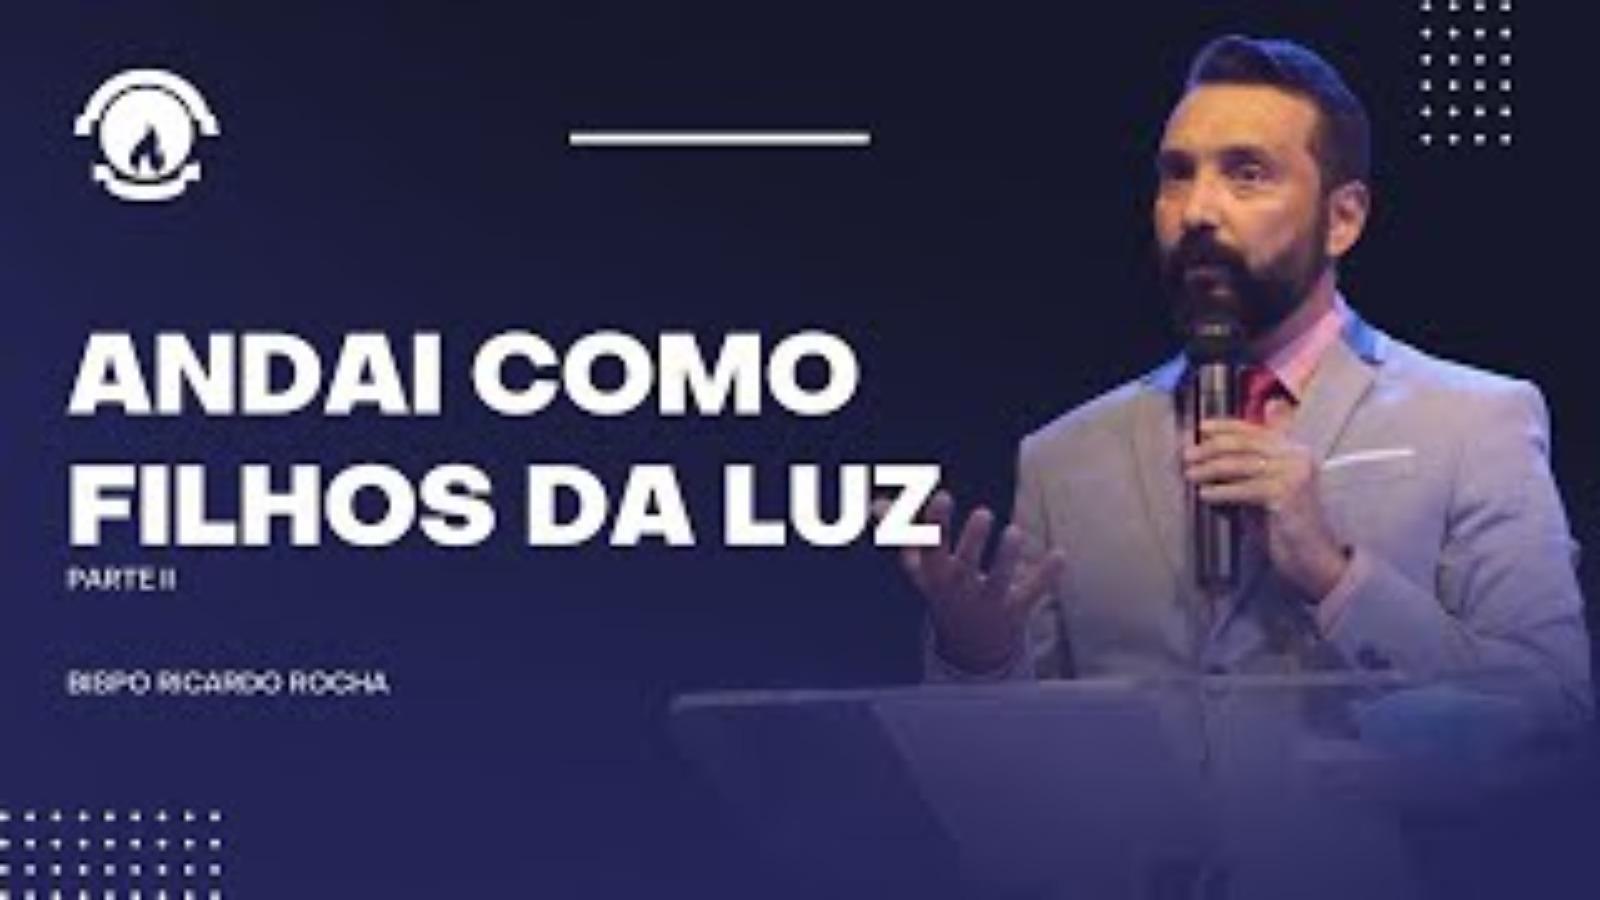 ANDAI COMO FILHOS DA LUZ - PARTE II